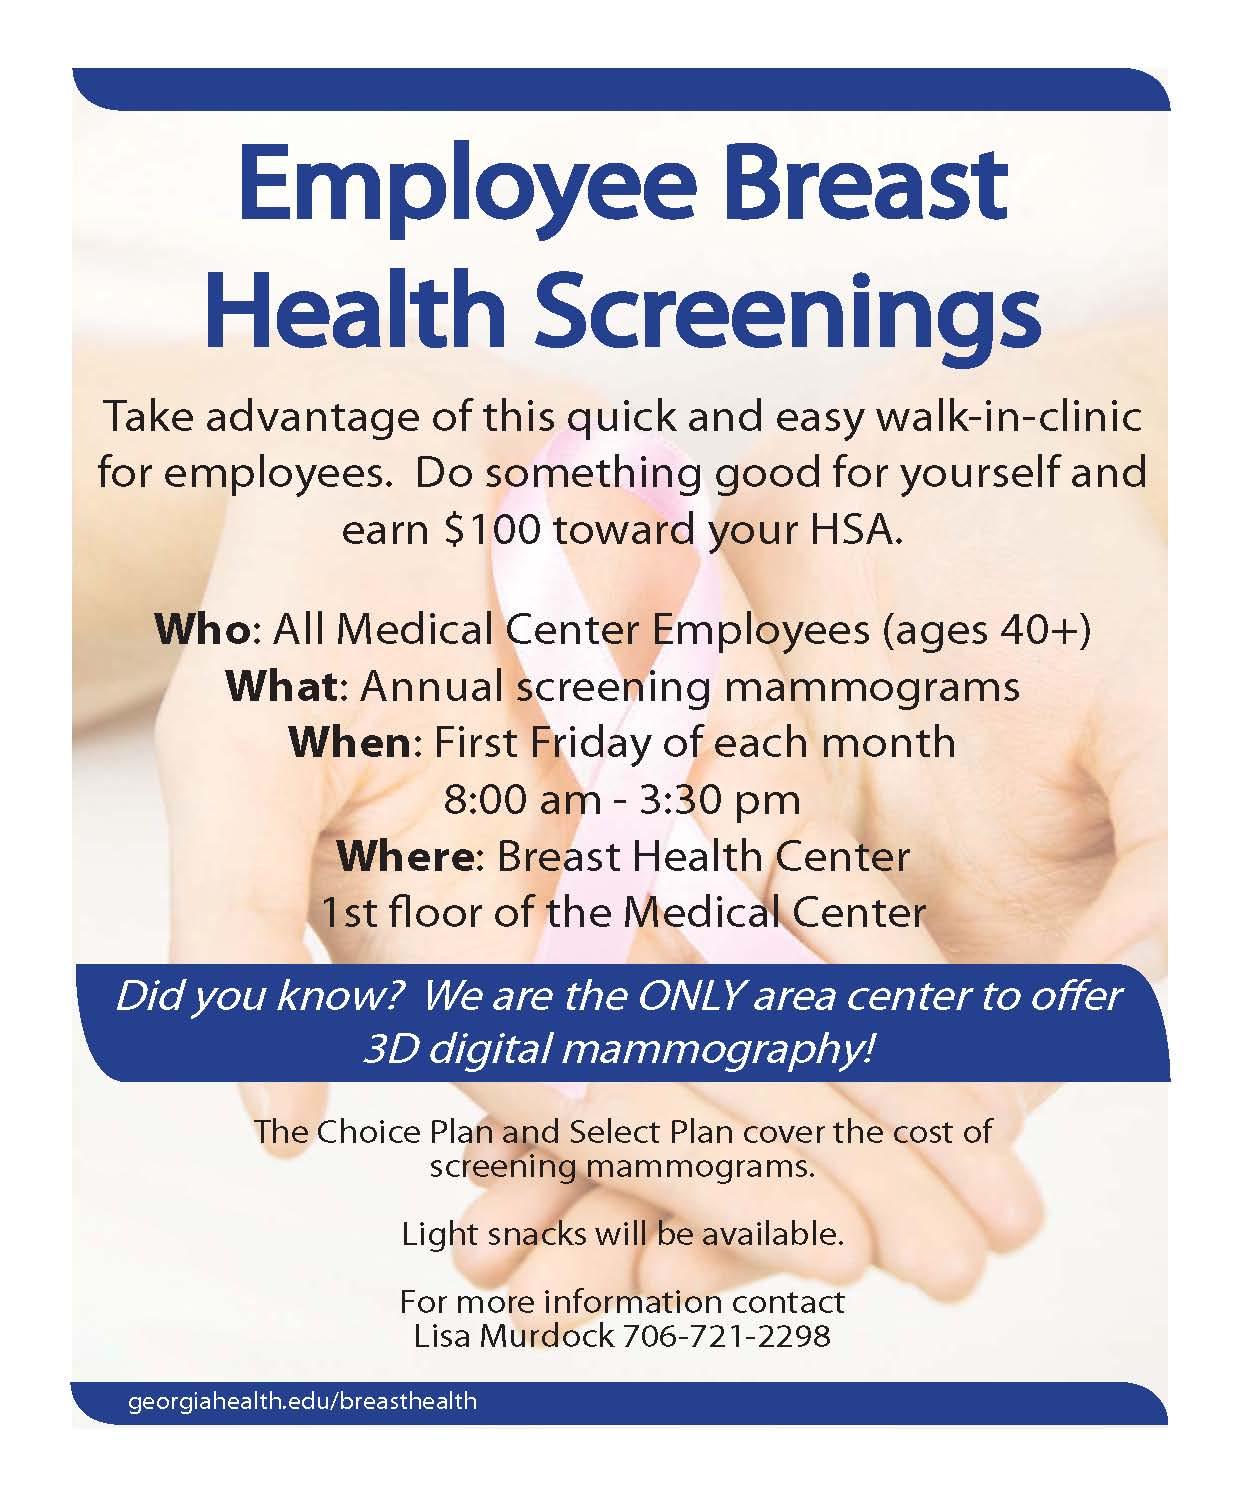 Employee Breast Health Screenings